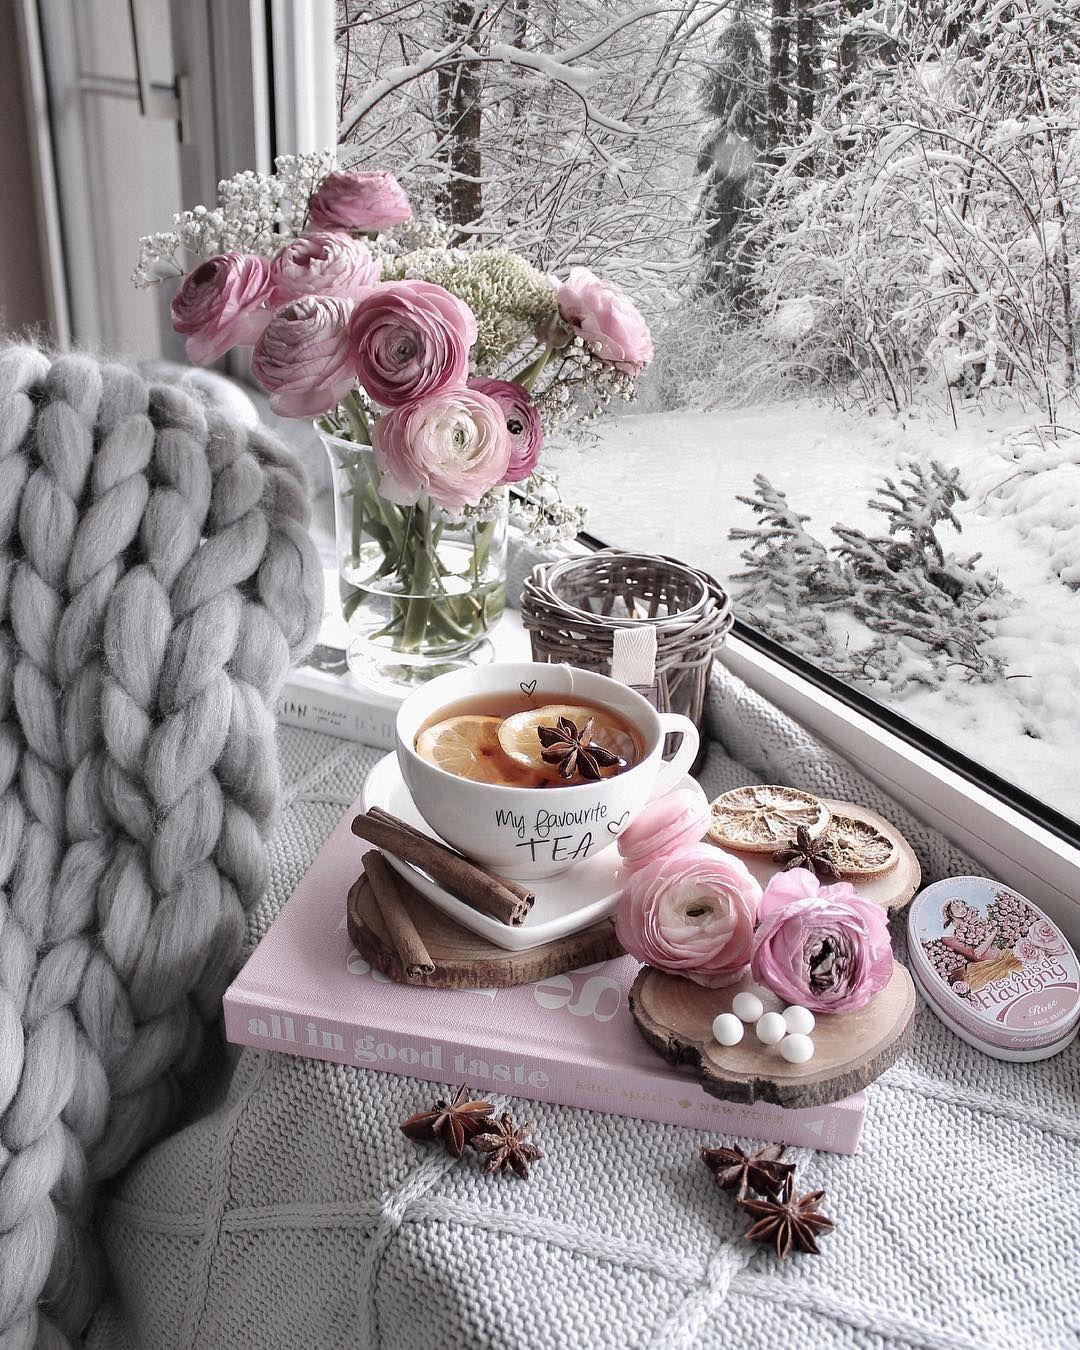 """Gözde on Instagram: """"WINTER TEA with orange slices and cinnamon ☕️ try it once! 😋. Mein Lieblingstee! Mit Orangen und Zimt! ☕️🍊☃️ Probier mal 😋   Werbung   . ..."""